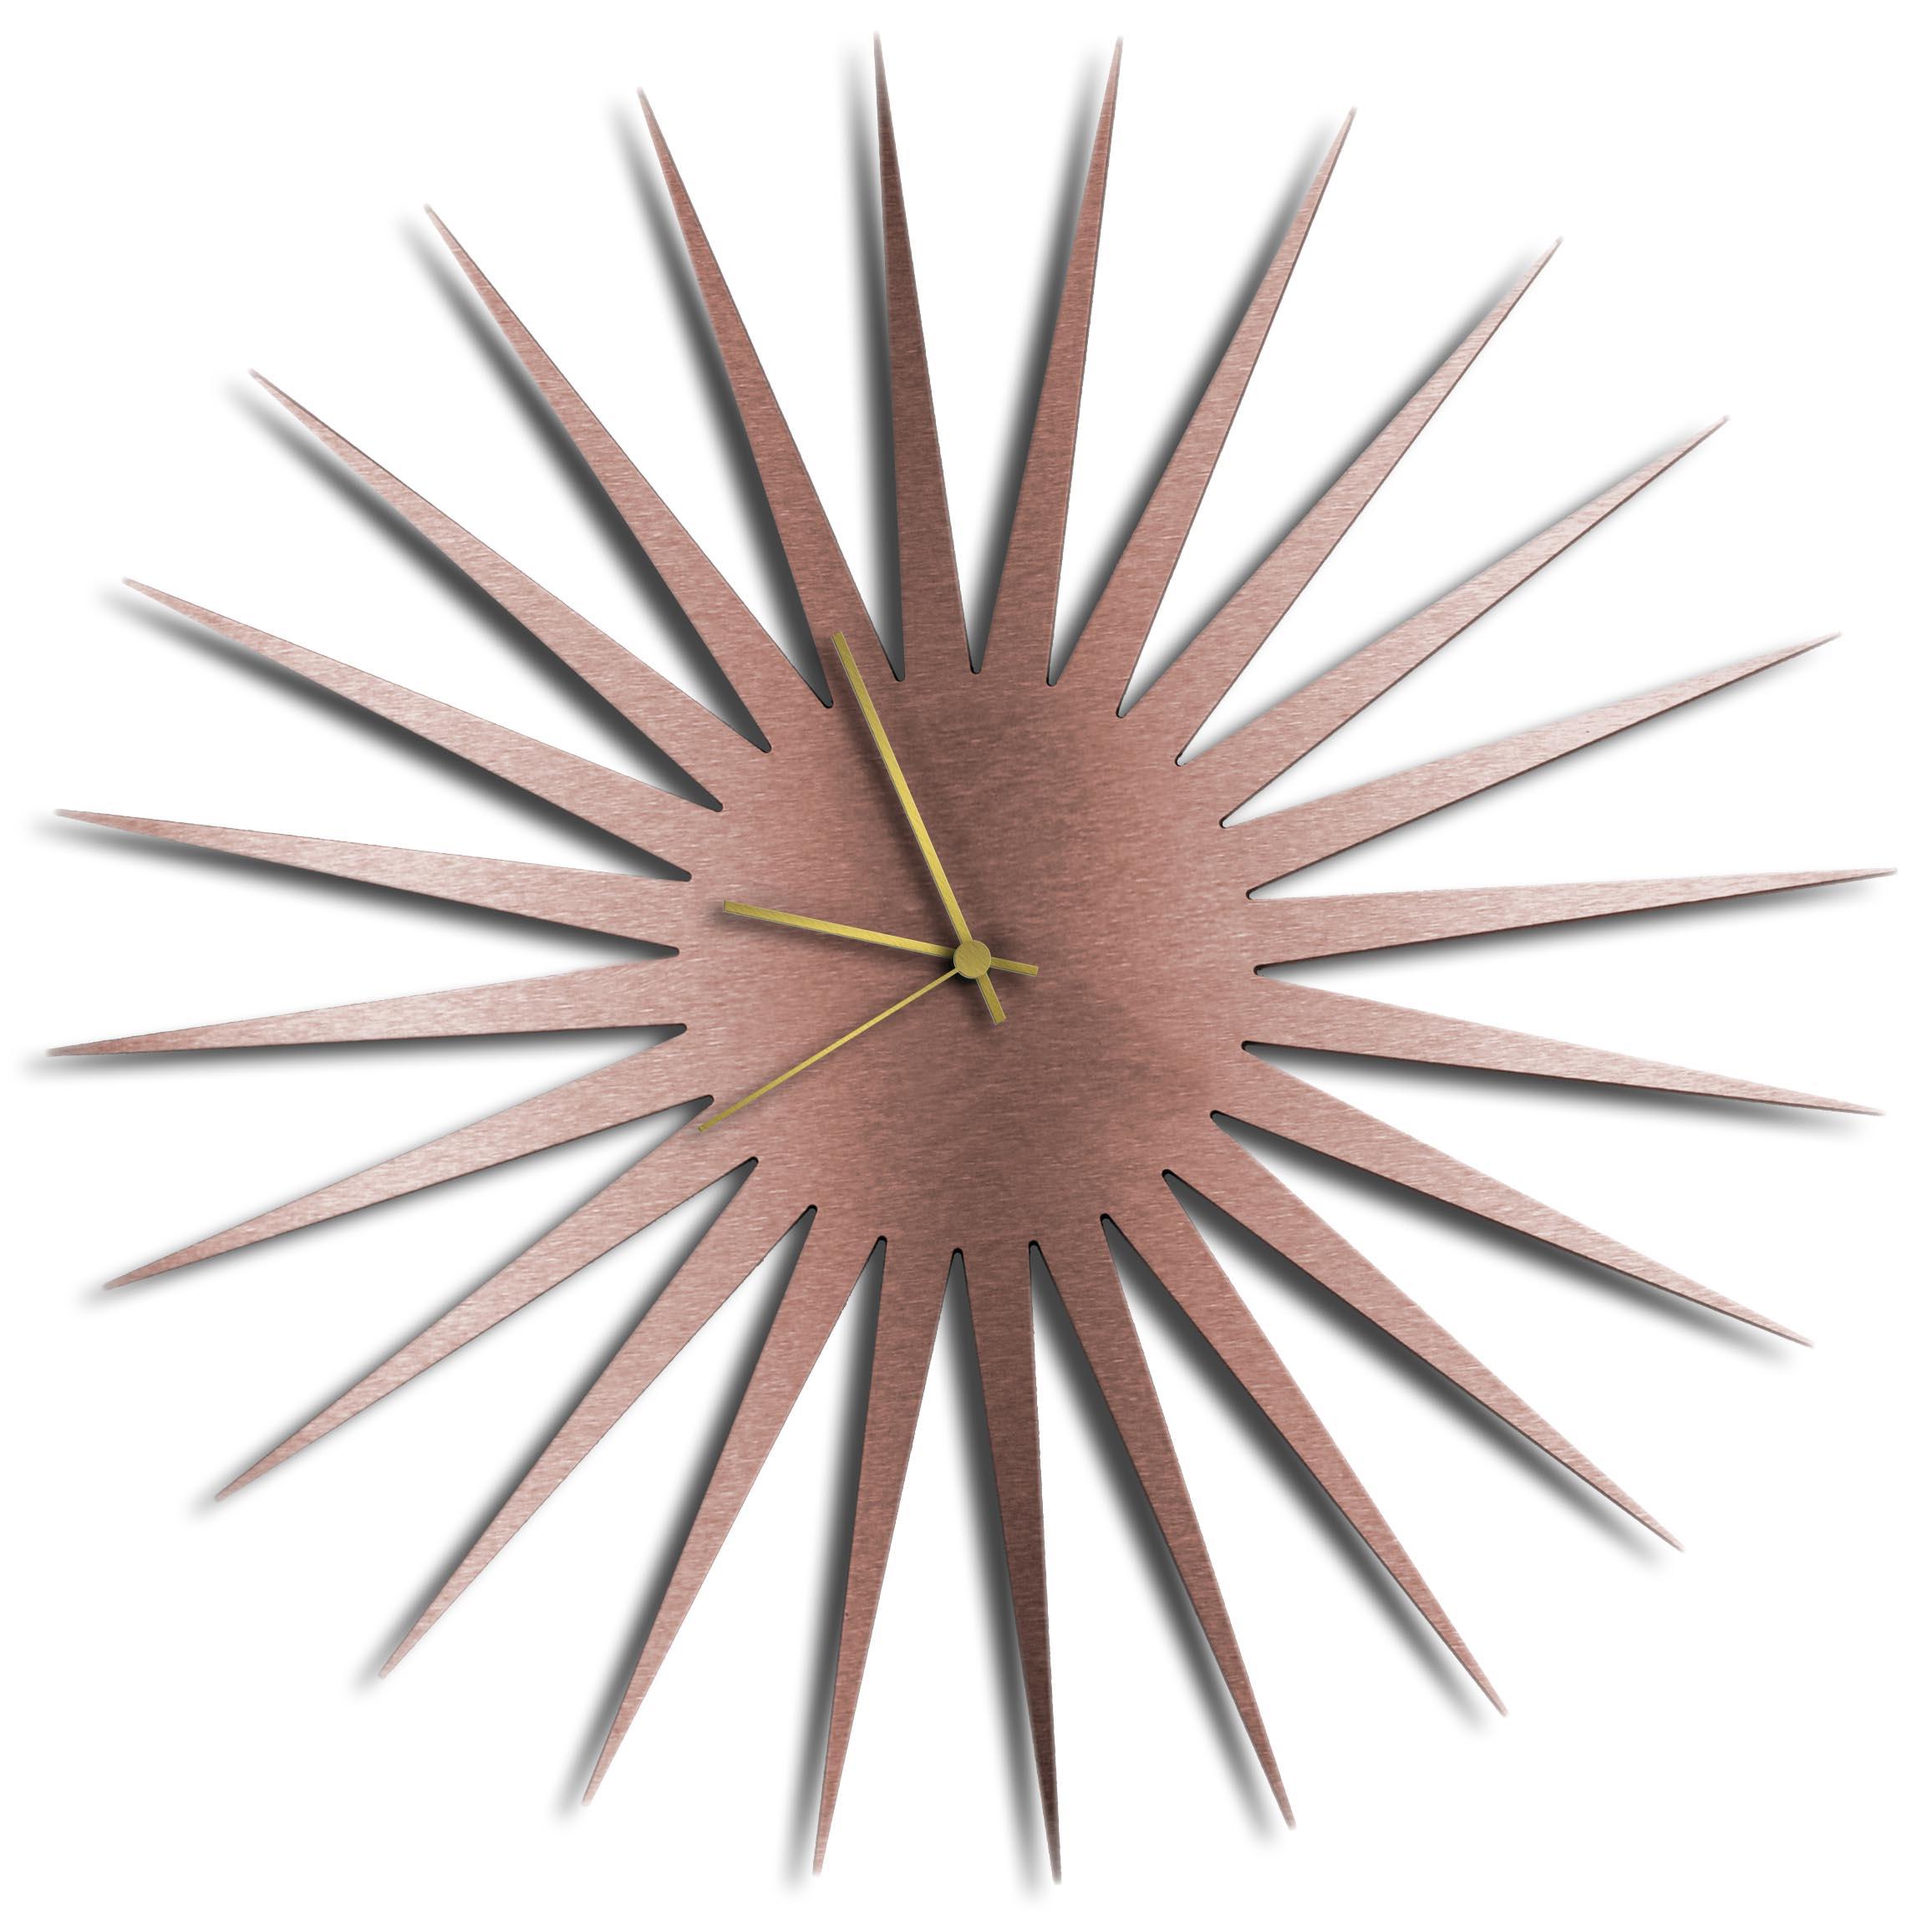 Adam Schwoeppe 'MCM Starburst Clock Copper Gold' Midcentury Modern Style Wall Clock